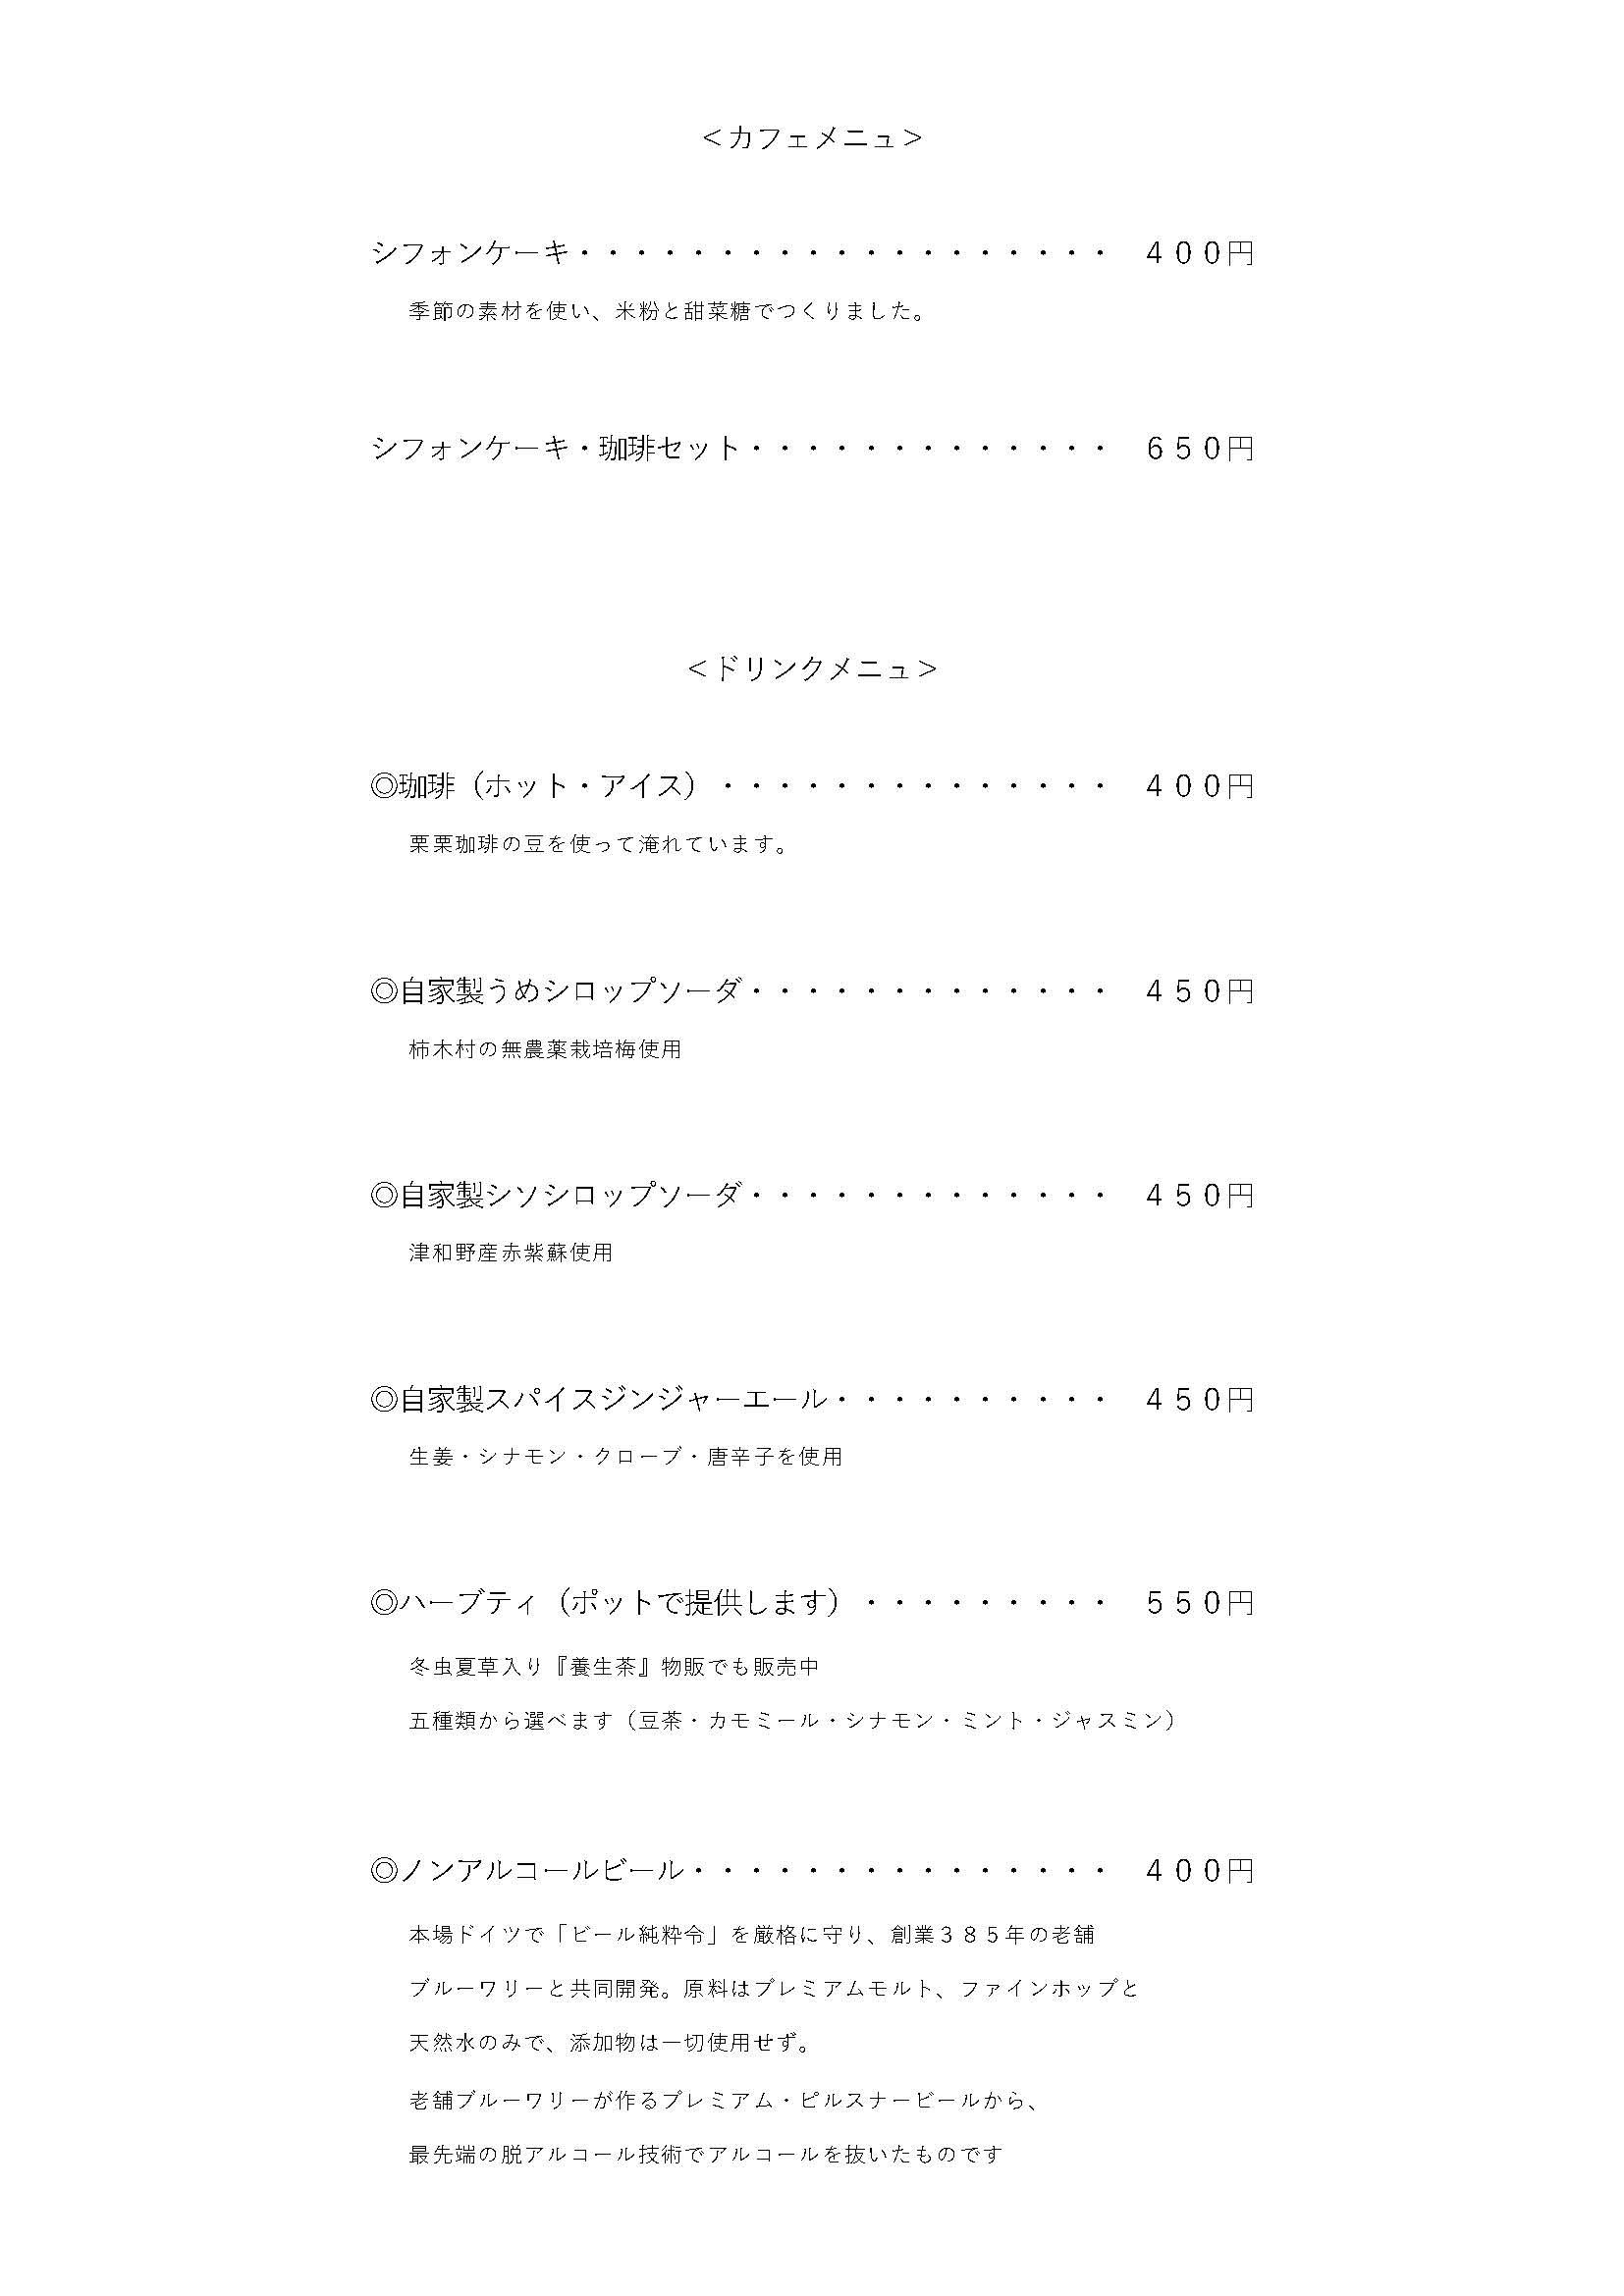 0807_ページ_2